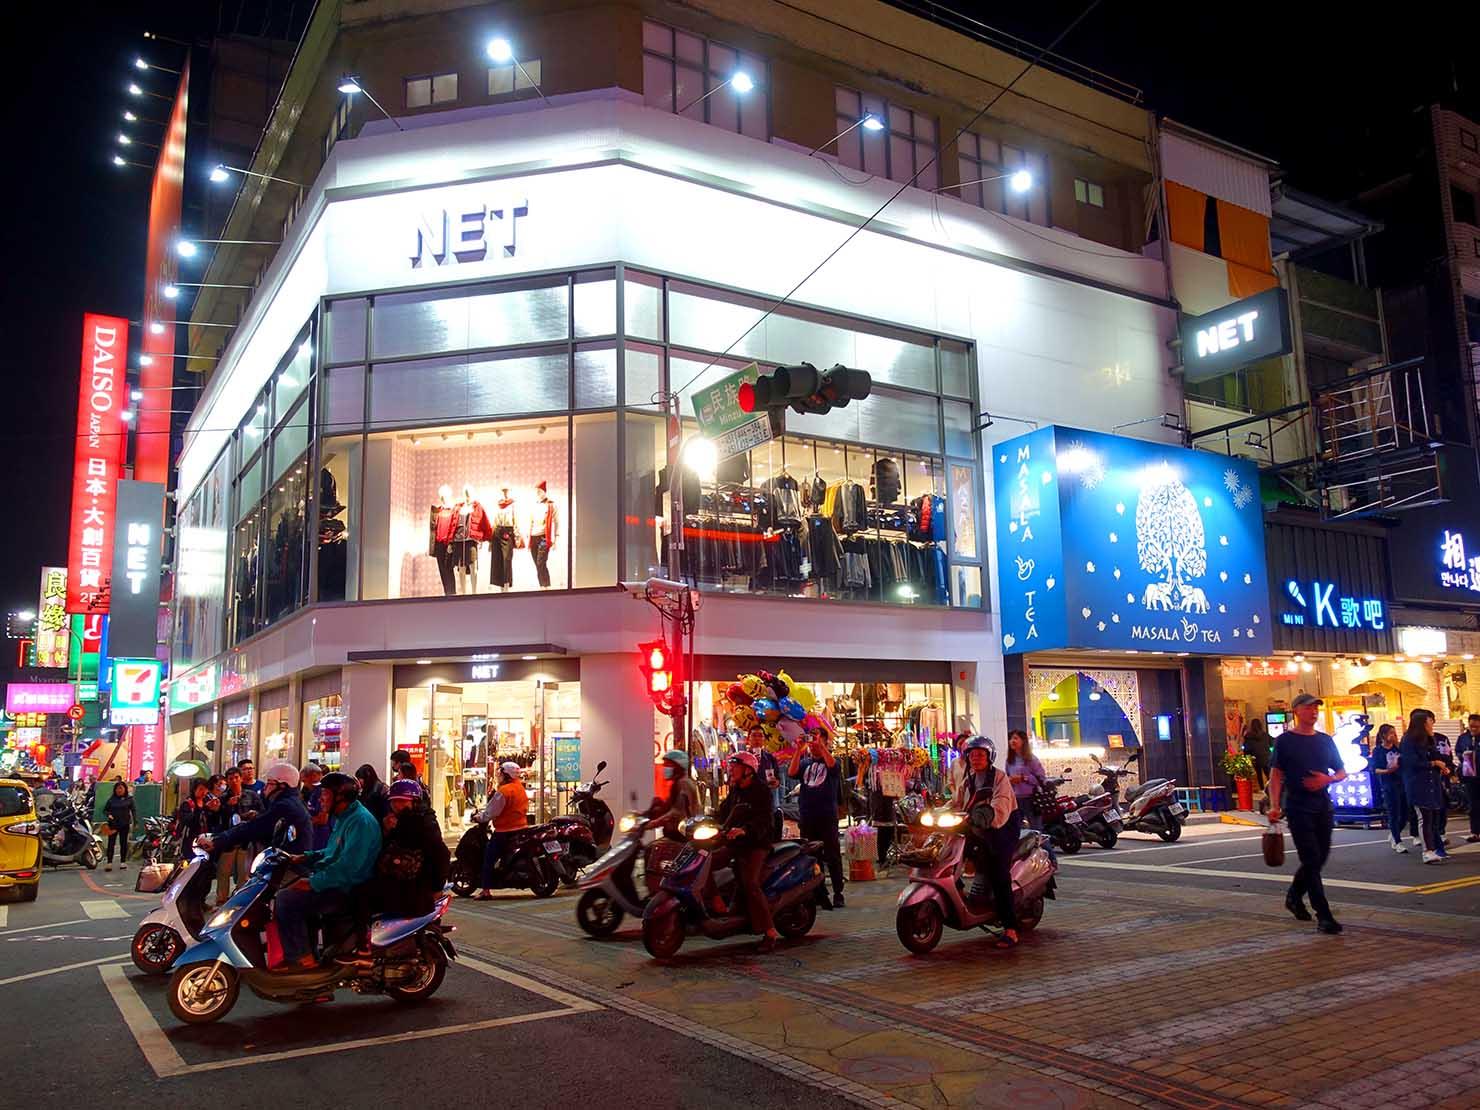 嘉義のおすすめ観光スポット「文化路夜市」にある台湾発ファストファッション店・NET